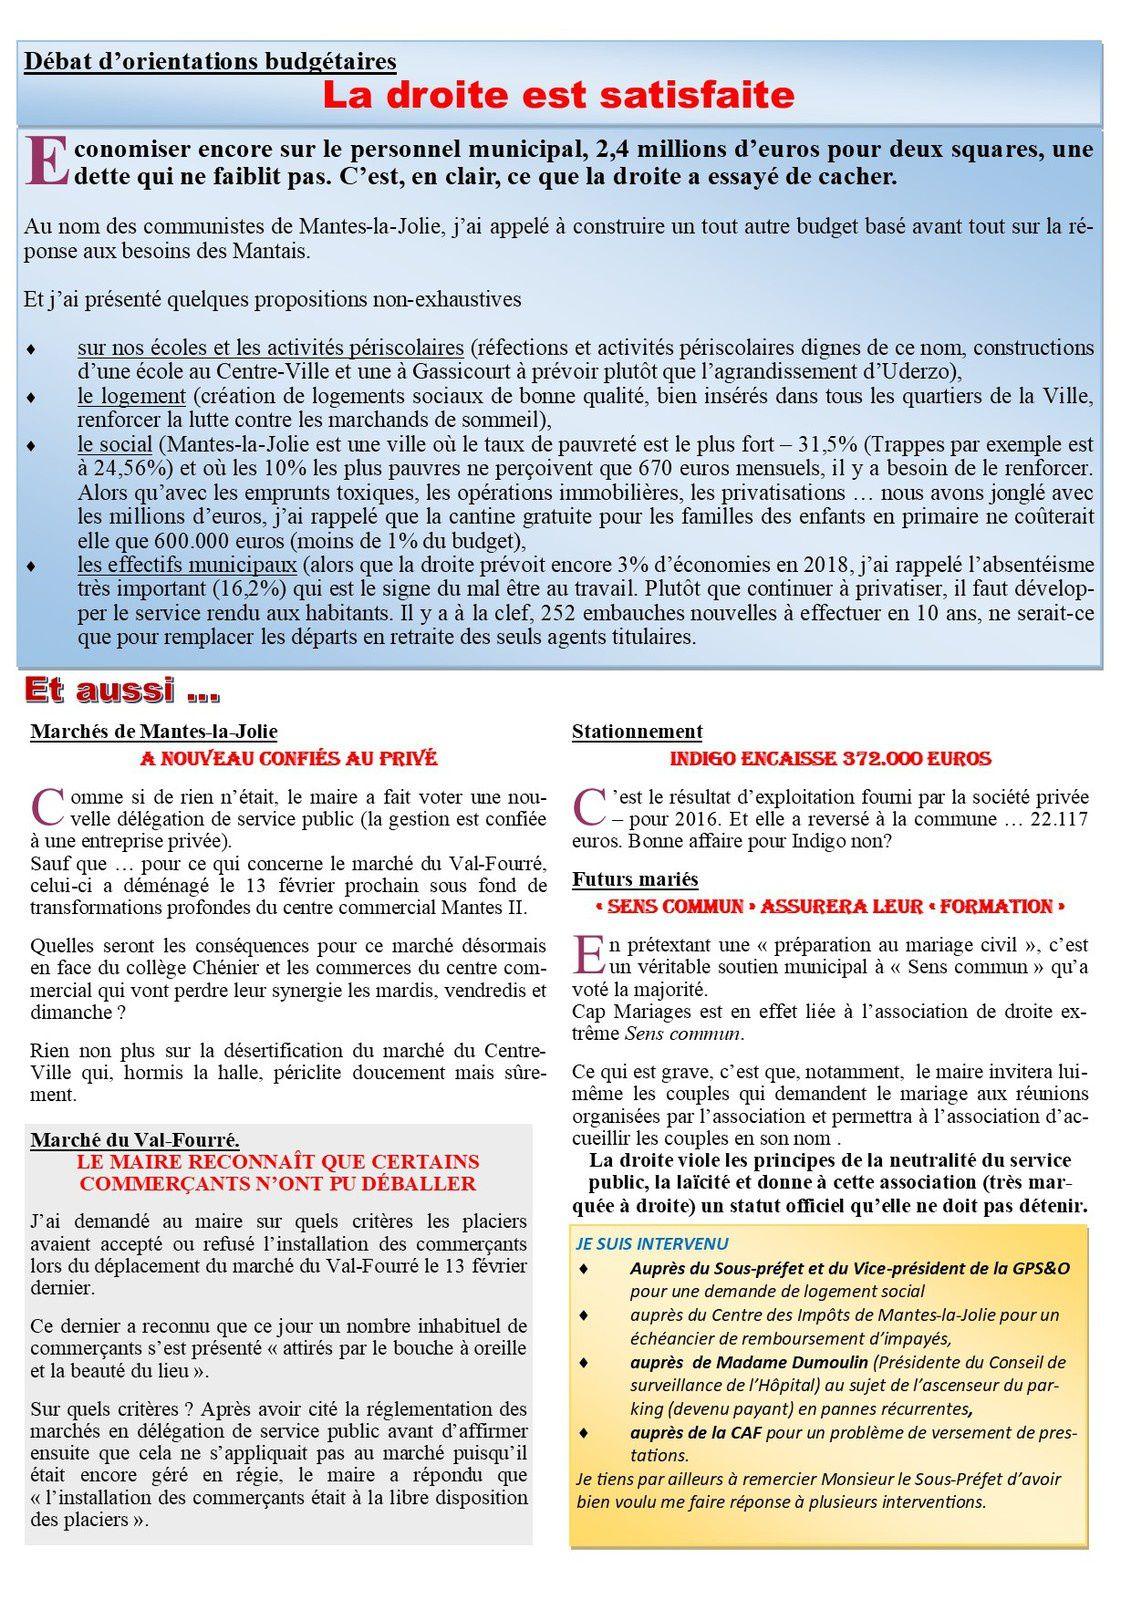 """Mantes-la-Jolie. De la préparation du budget municipal à """"Sens commun"""" proposé aux futurs mariés"""